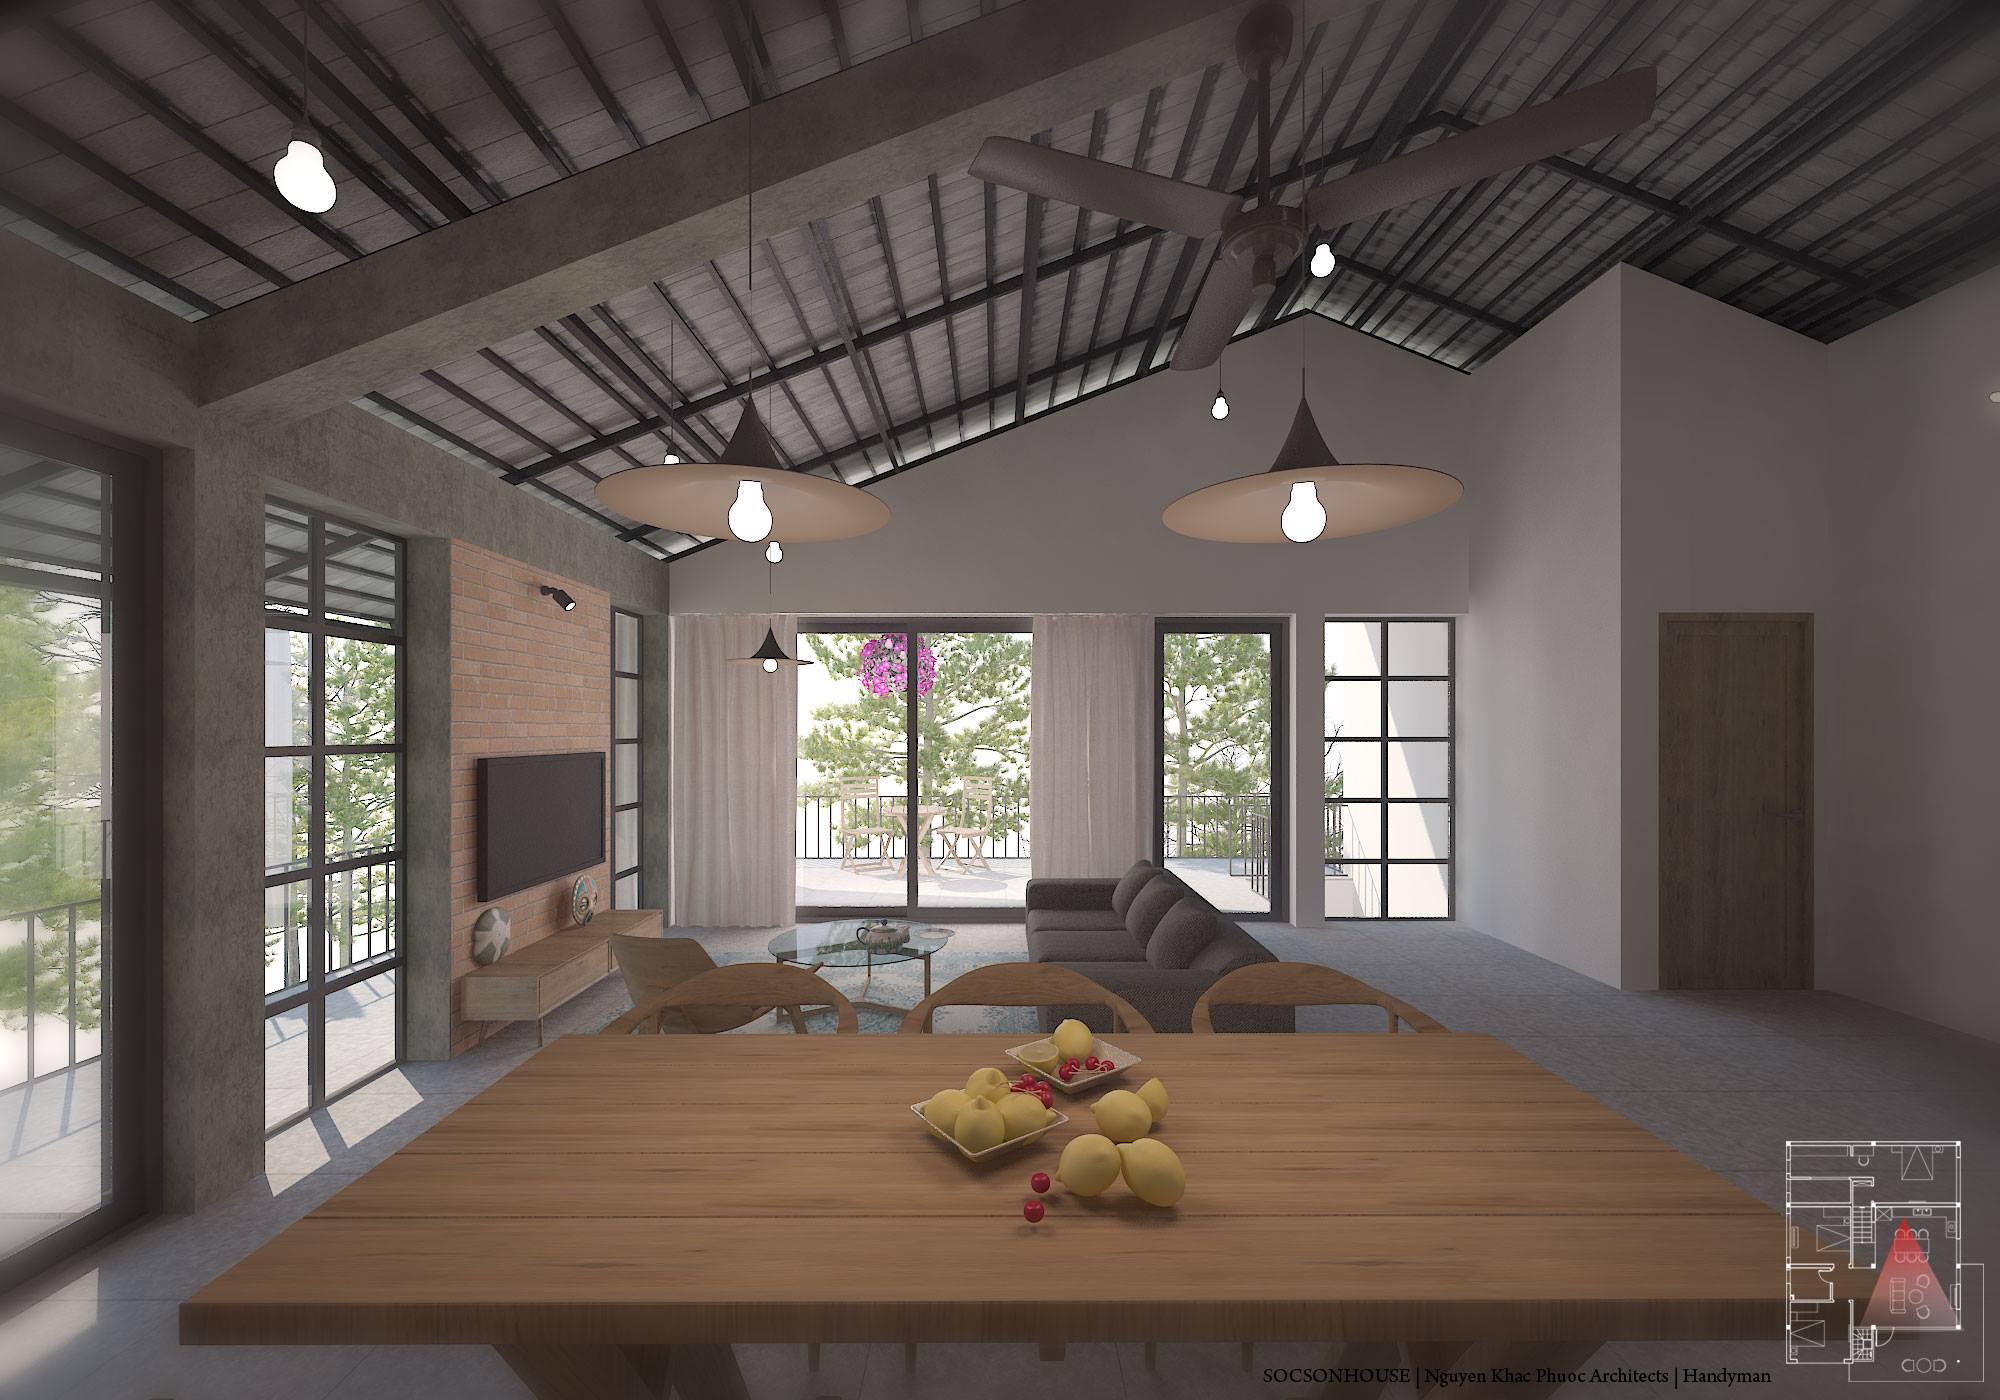 Thiết kế biệt thự đẹp mái chồng mái nằm lưng chừng núi ở Sóc Sơn - Nhà Đẹp Số (6)